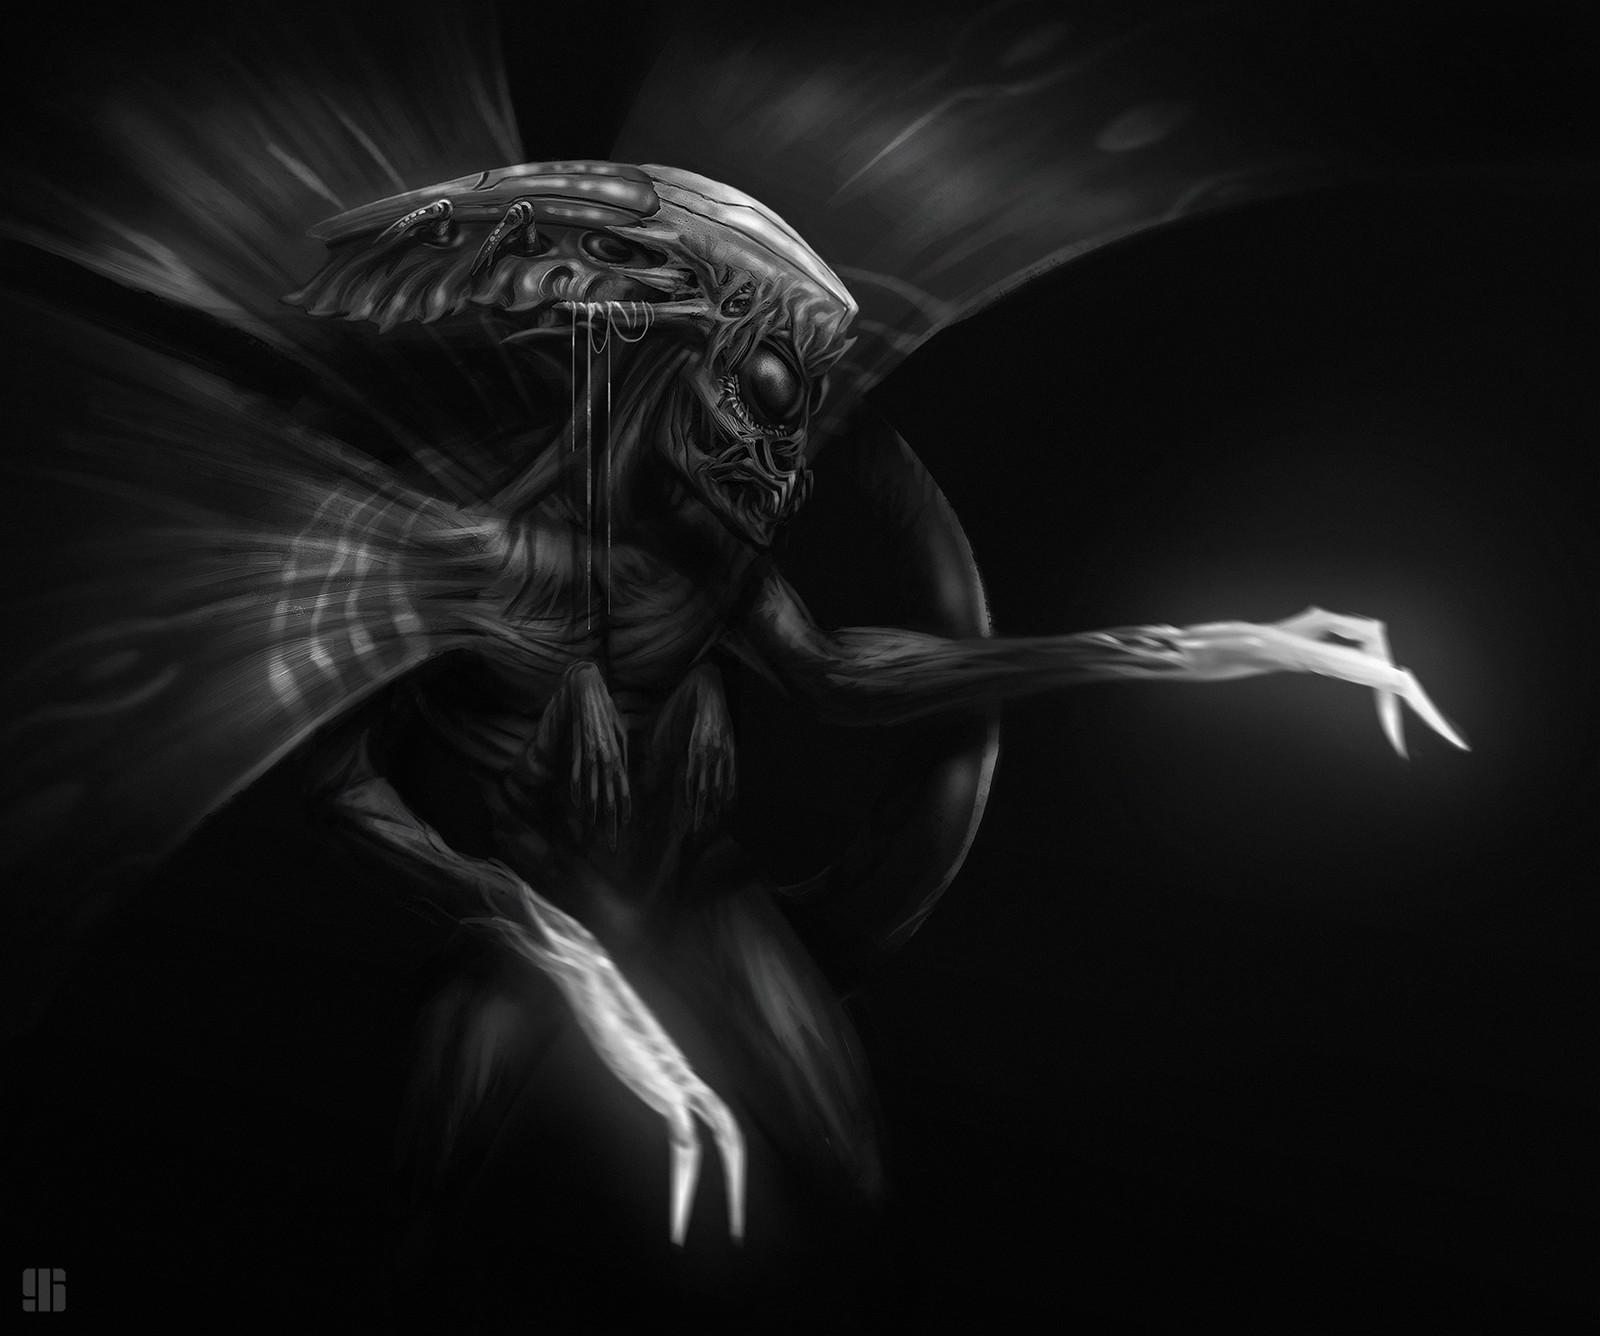 Creature sketch #03